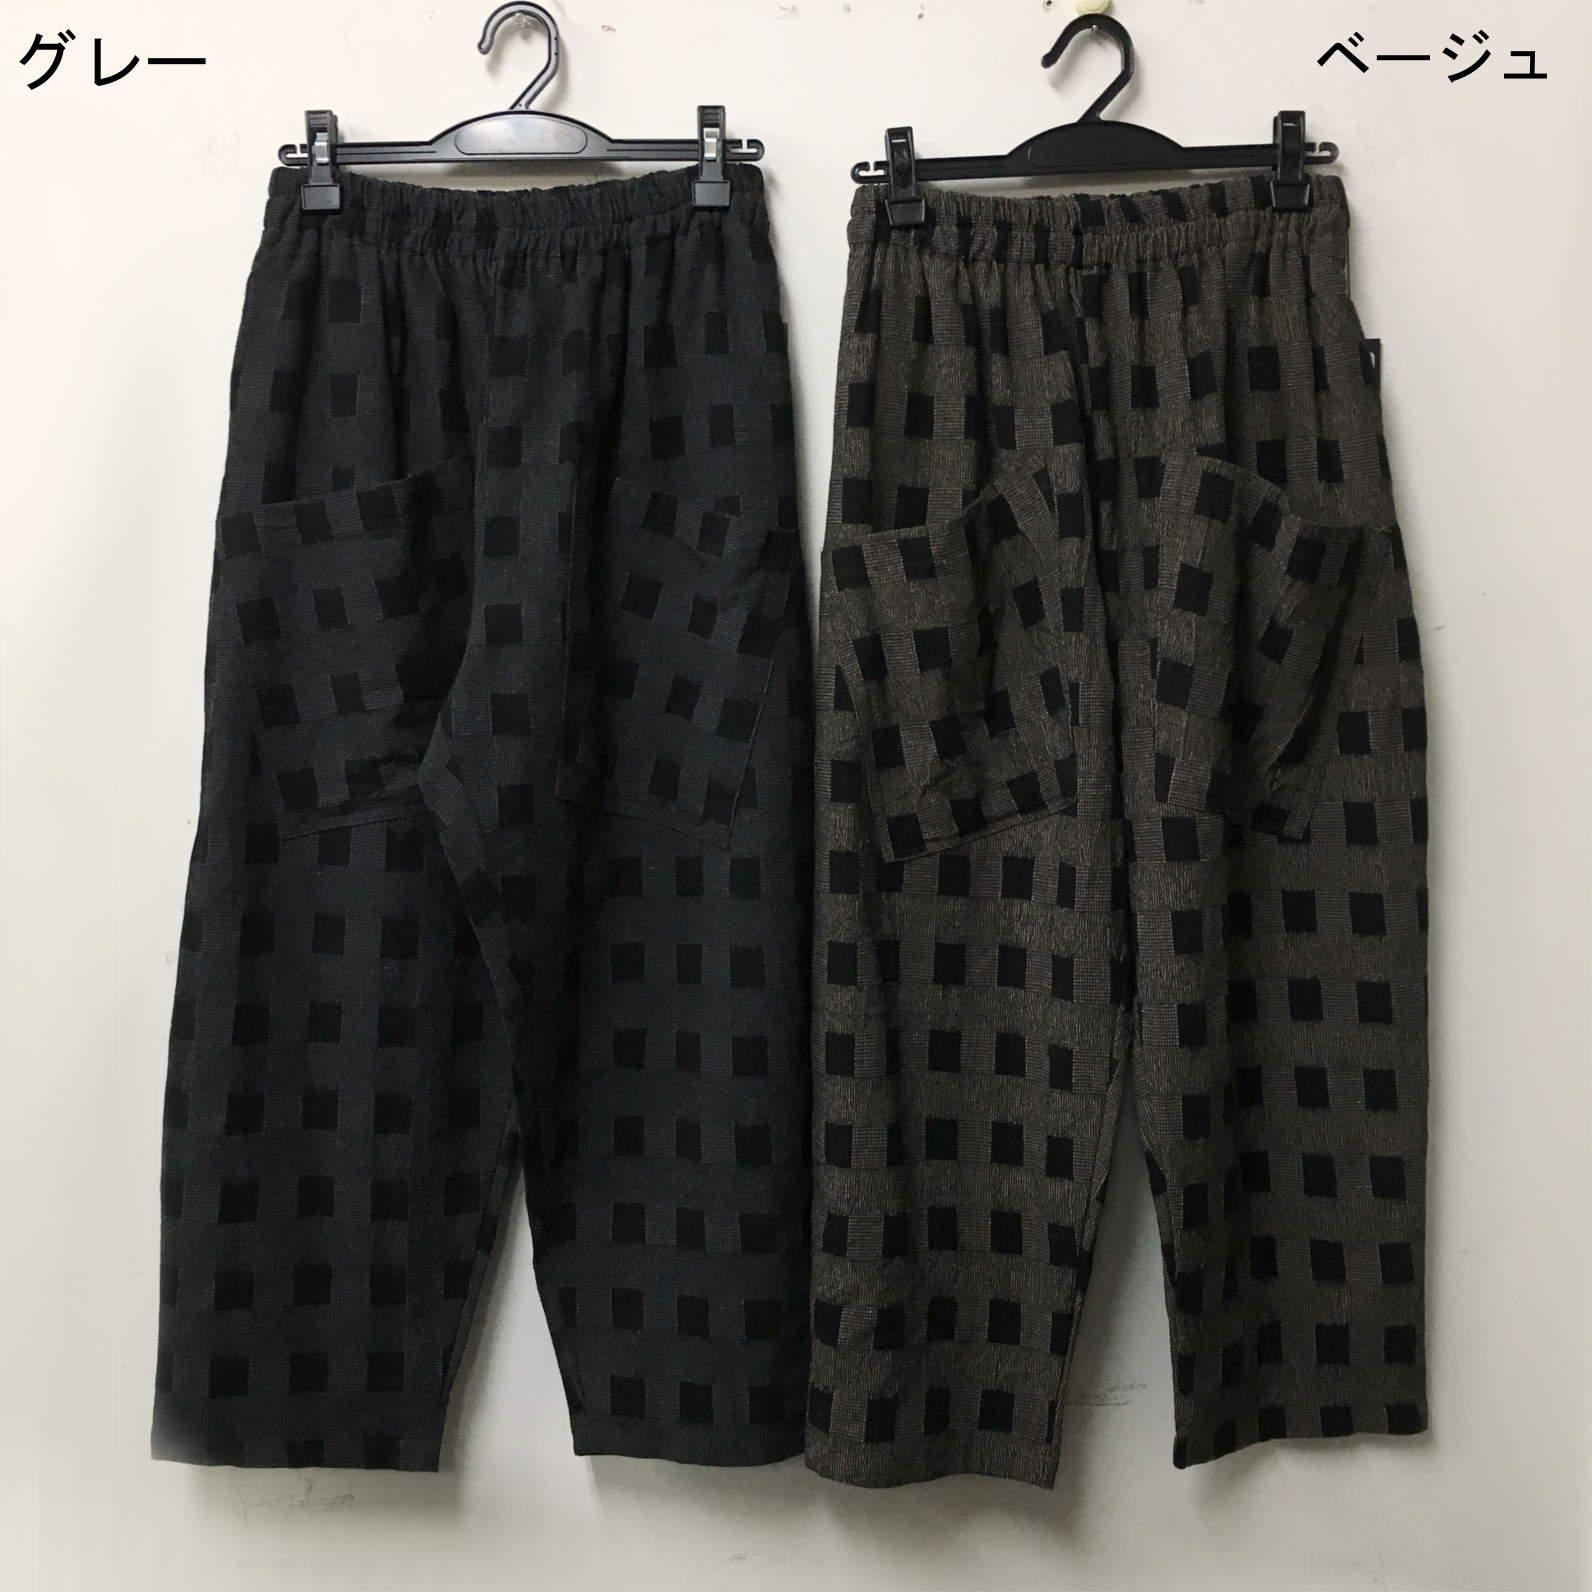 【ジェーユースタイル】チェック柄 パンツ